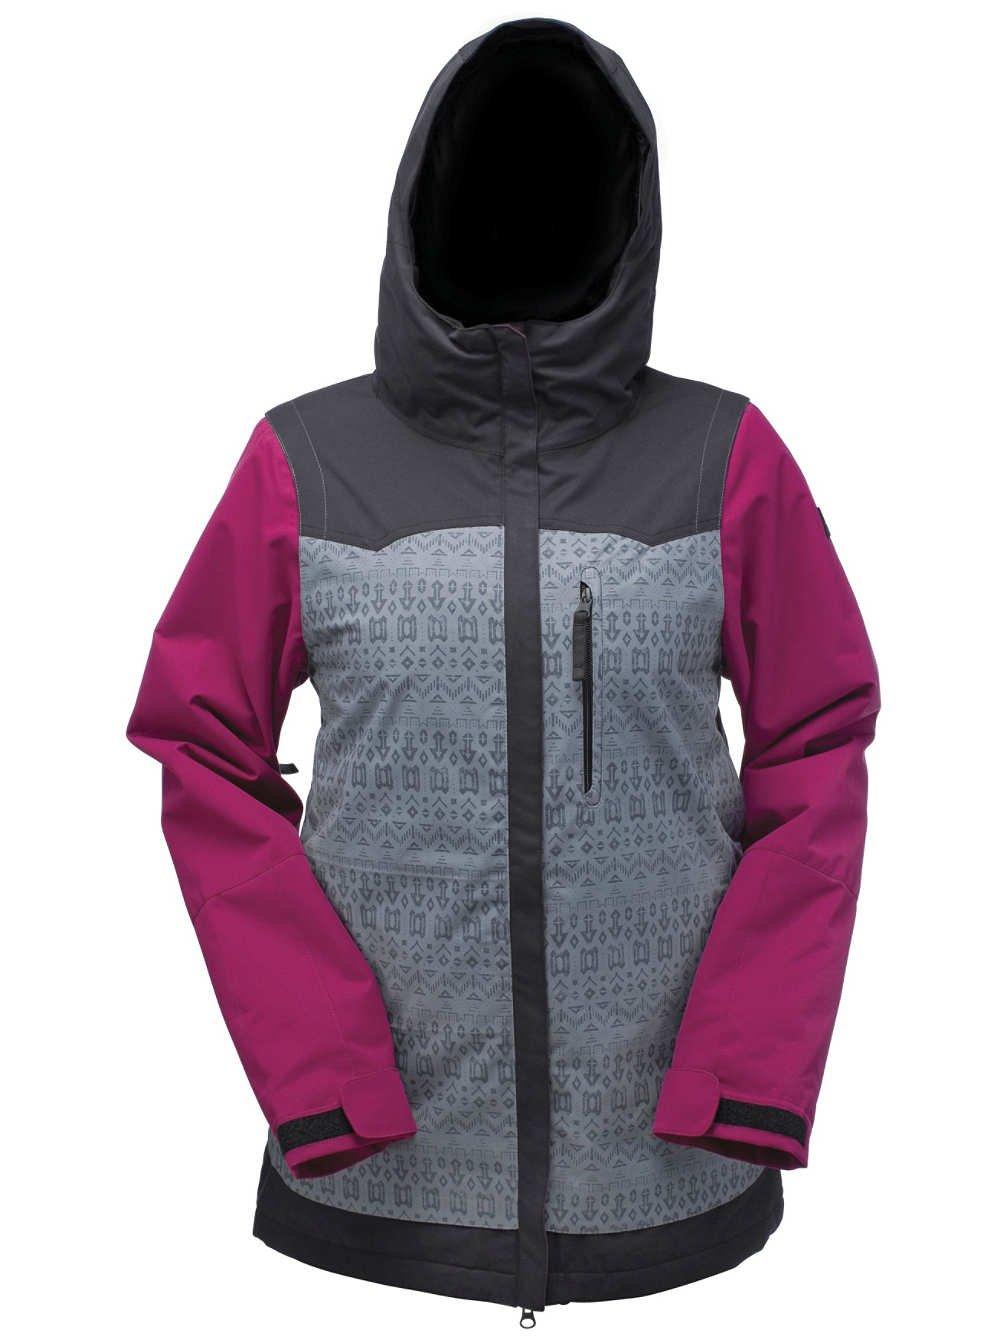 Damen Snowboard Jacke Ride Broadview Jacket